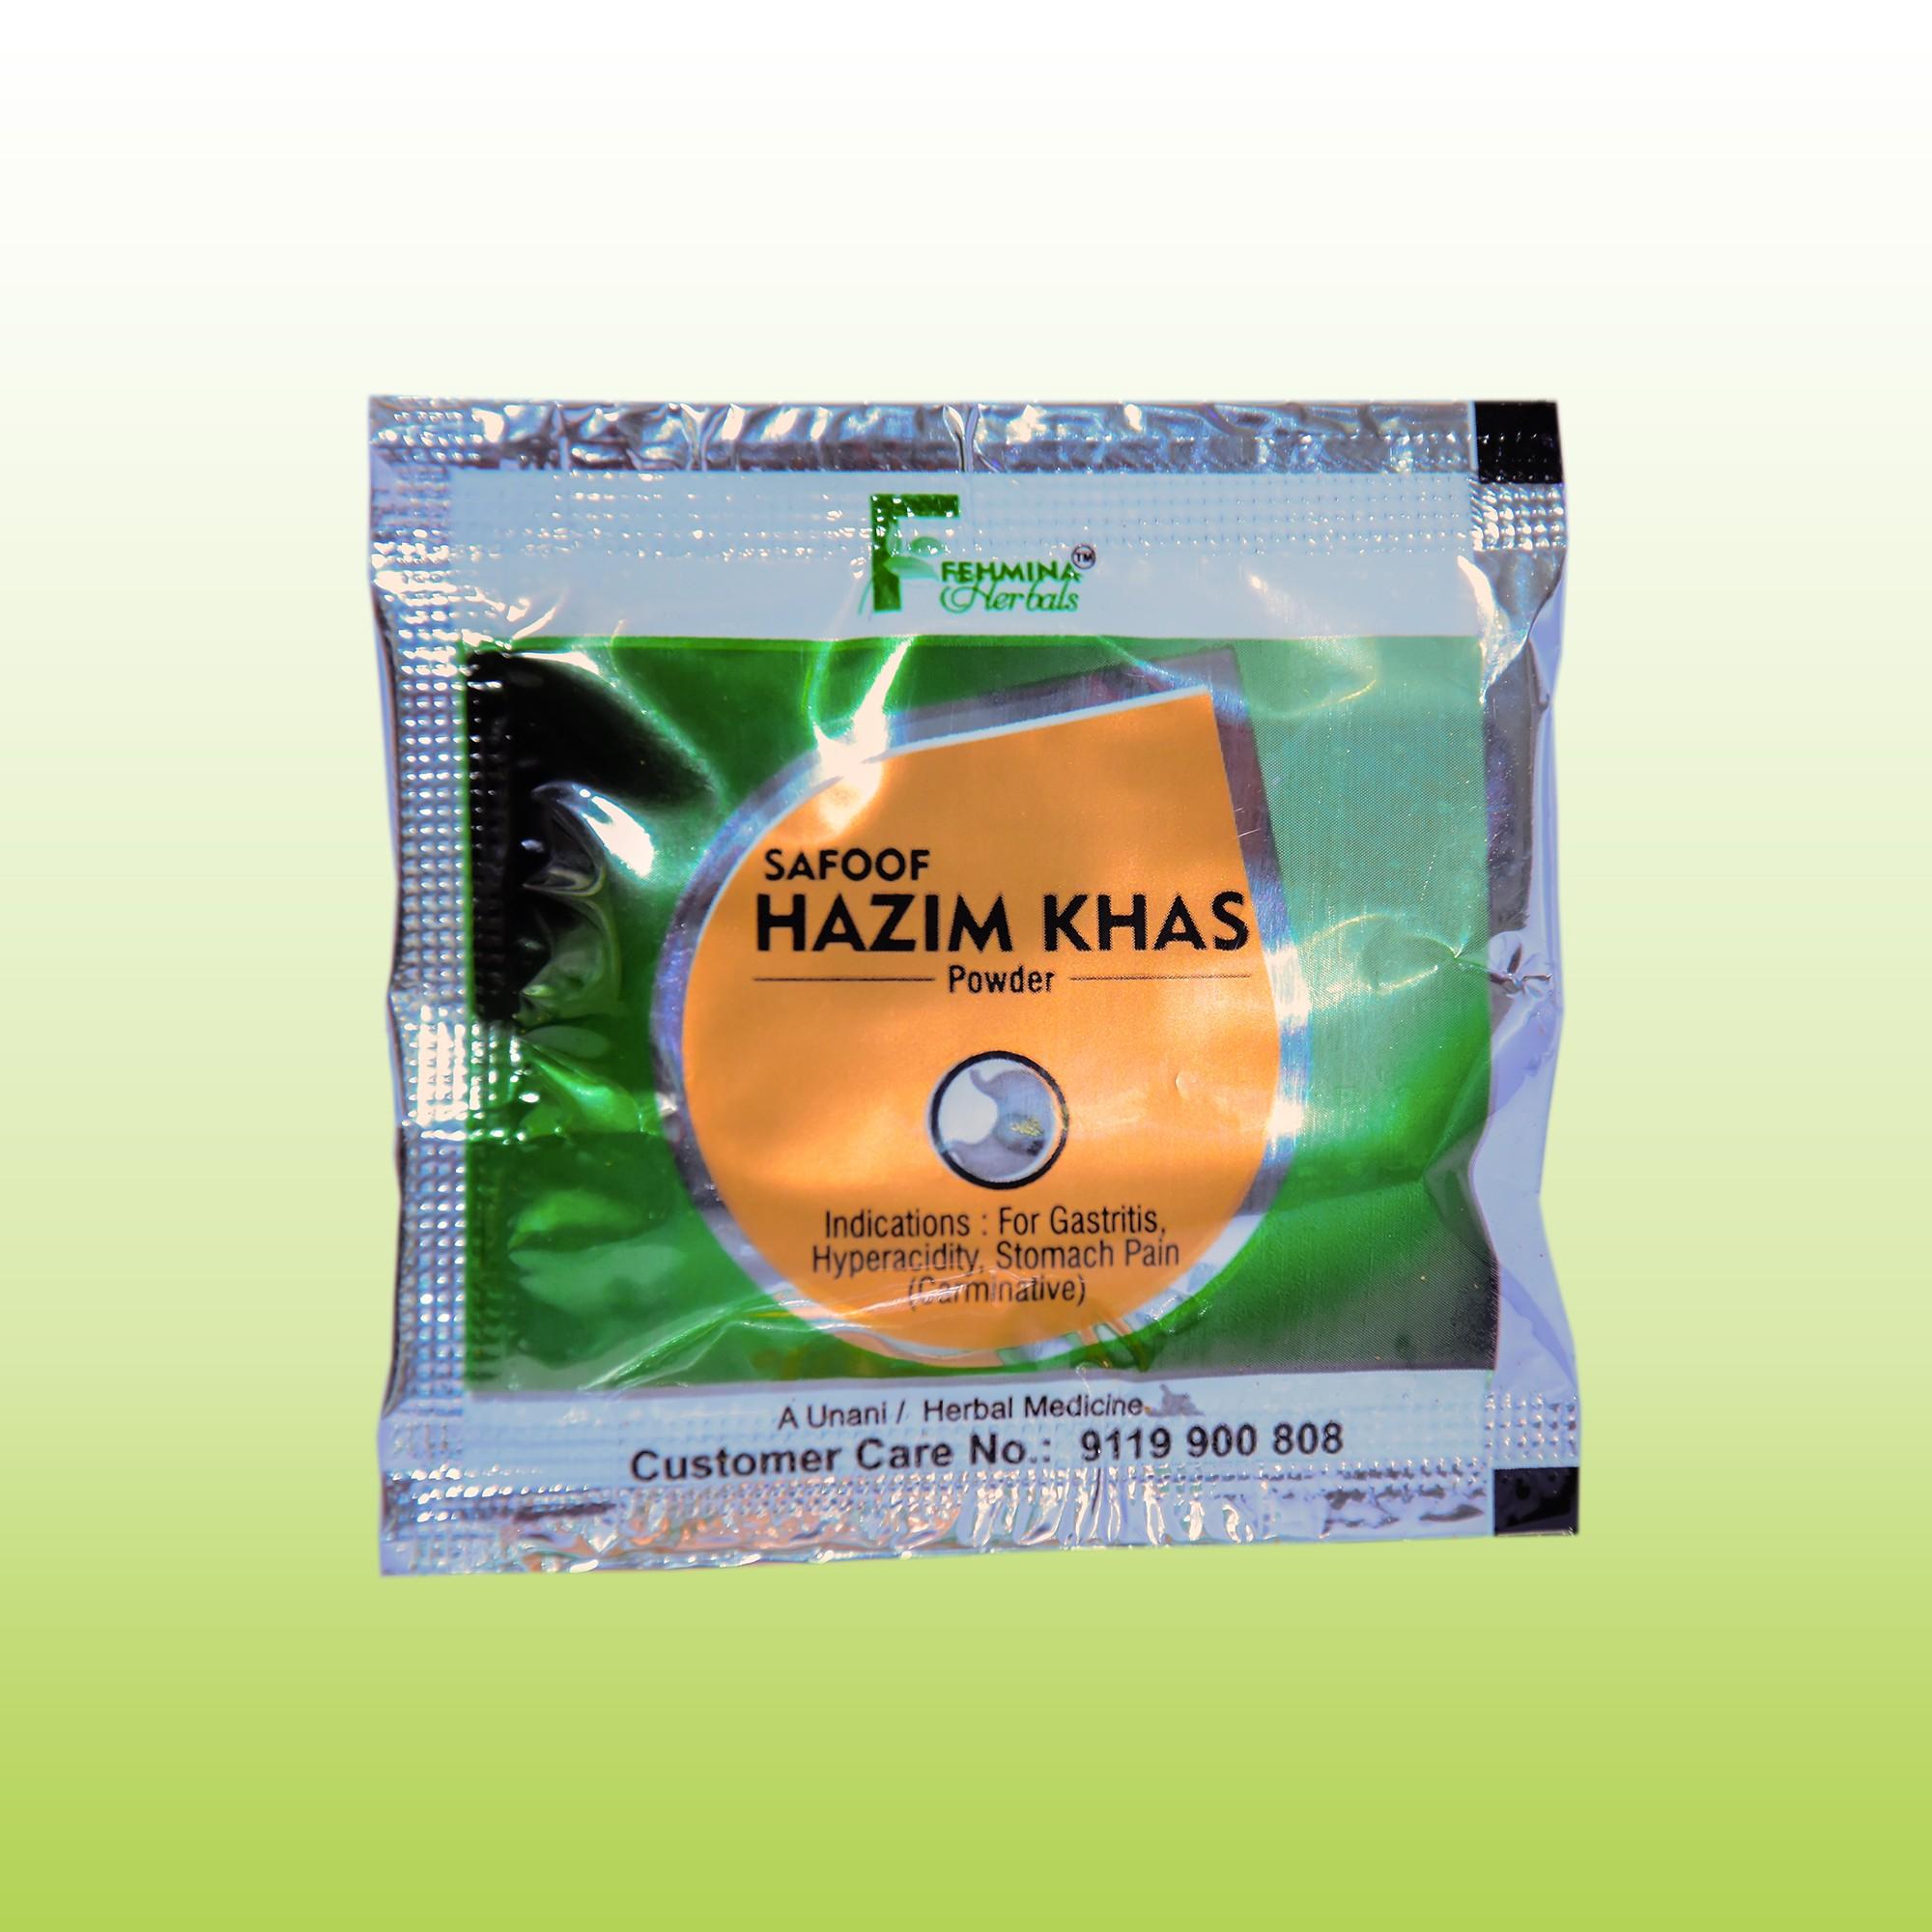 Safoof Hazim Khas